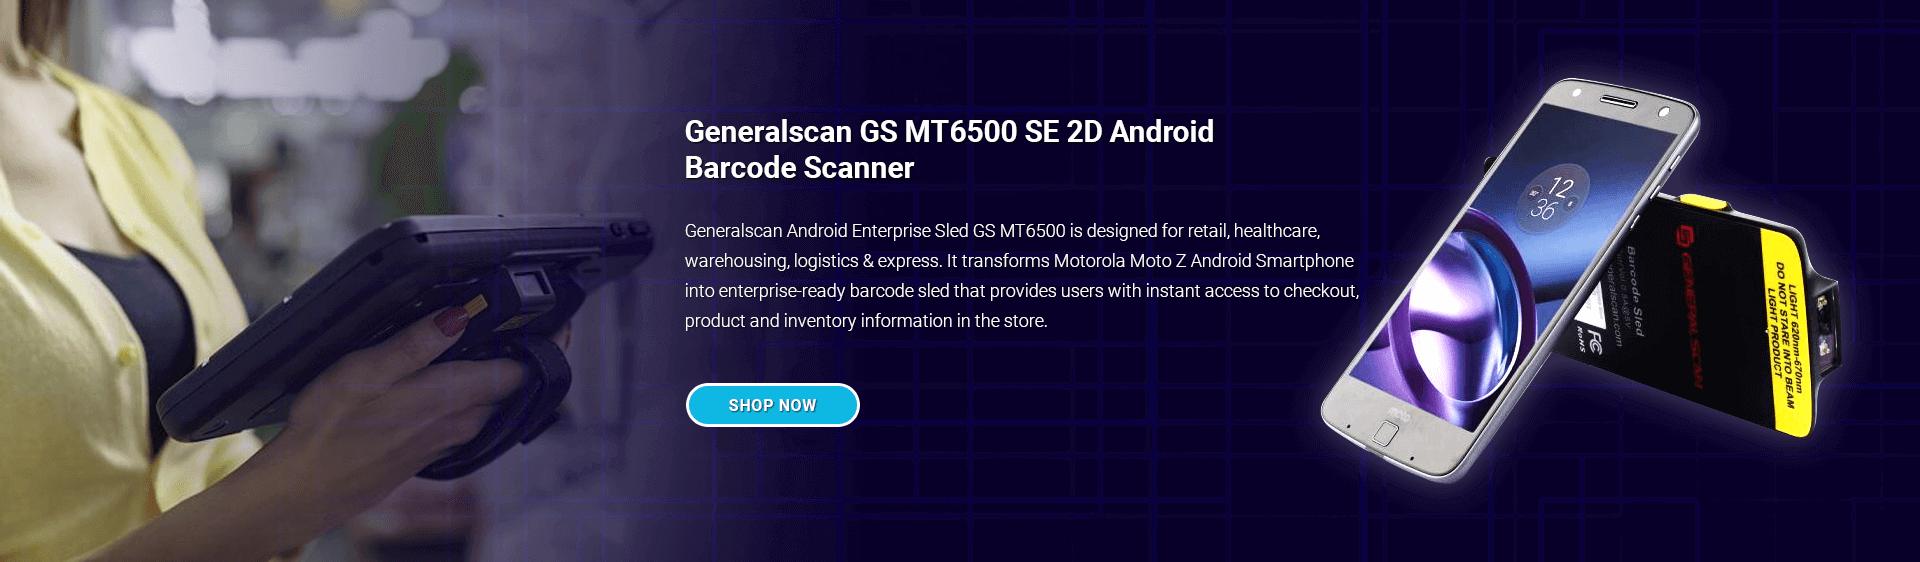 Generalscan GS MT6500 SE ...